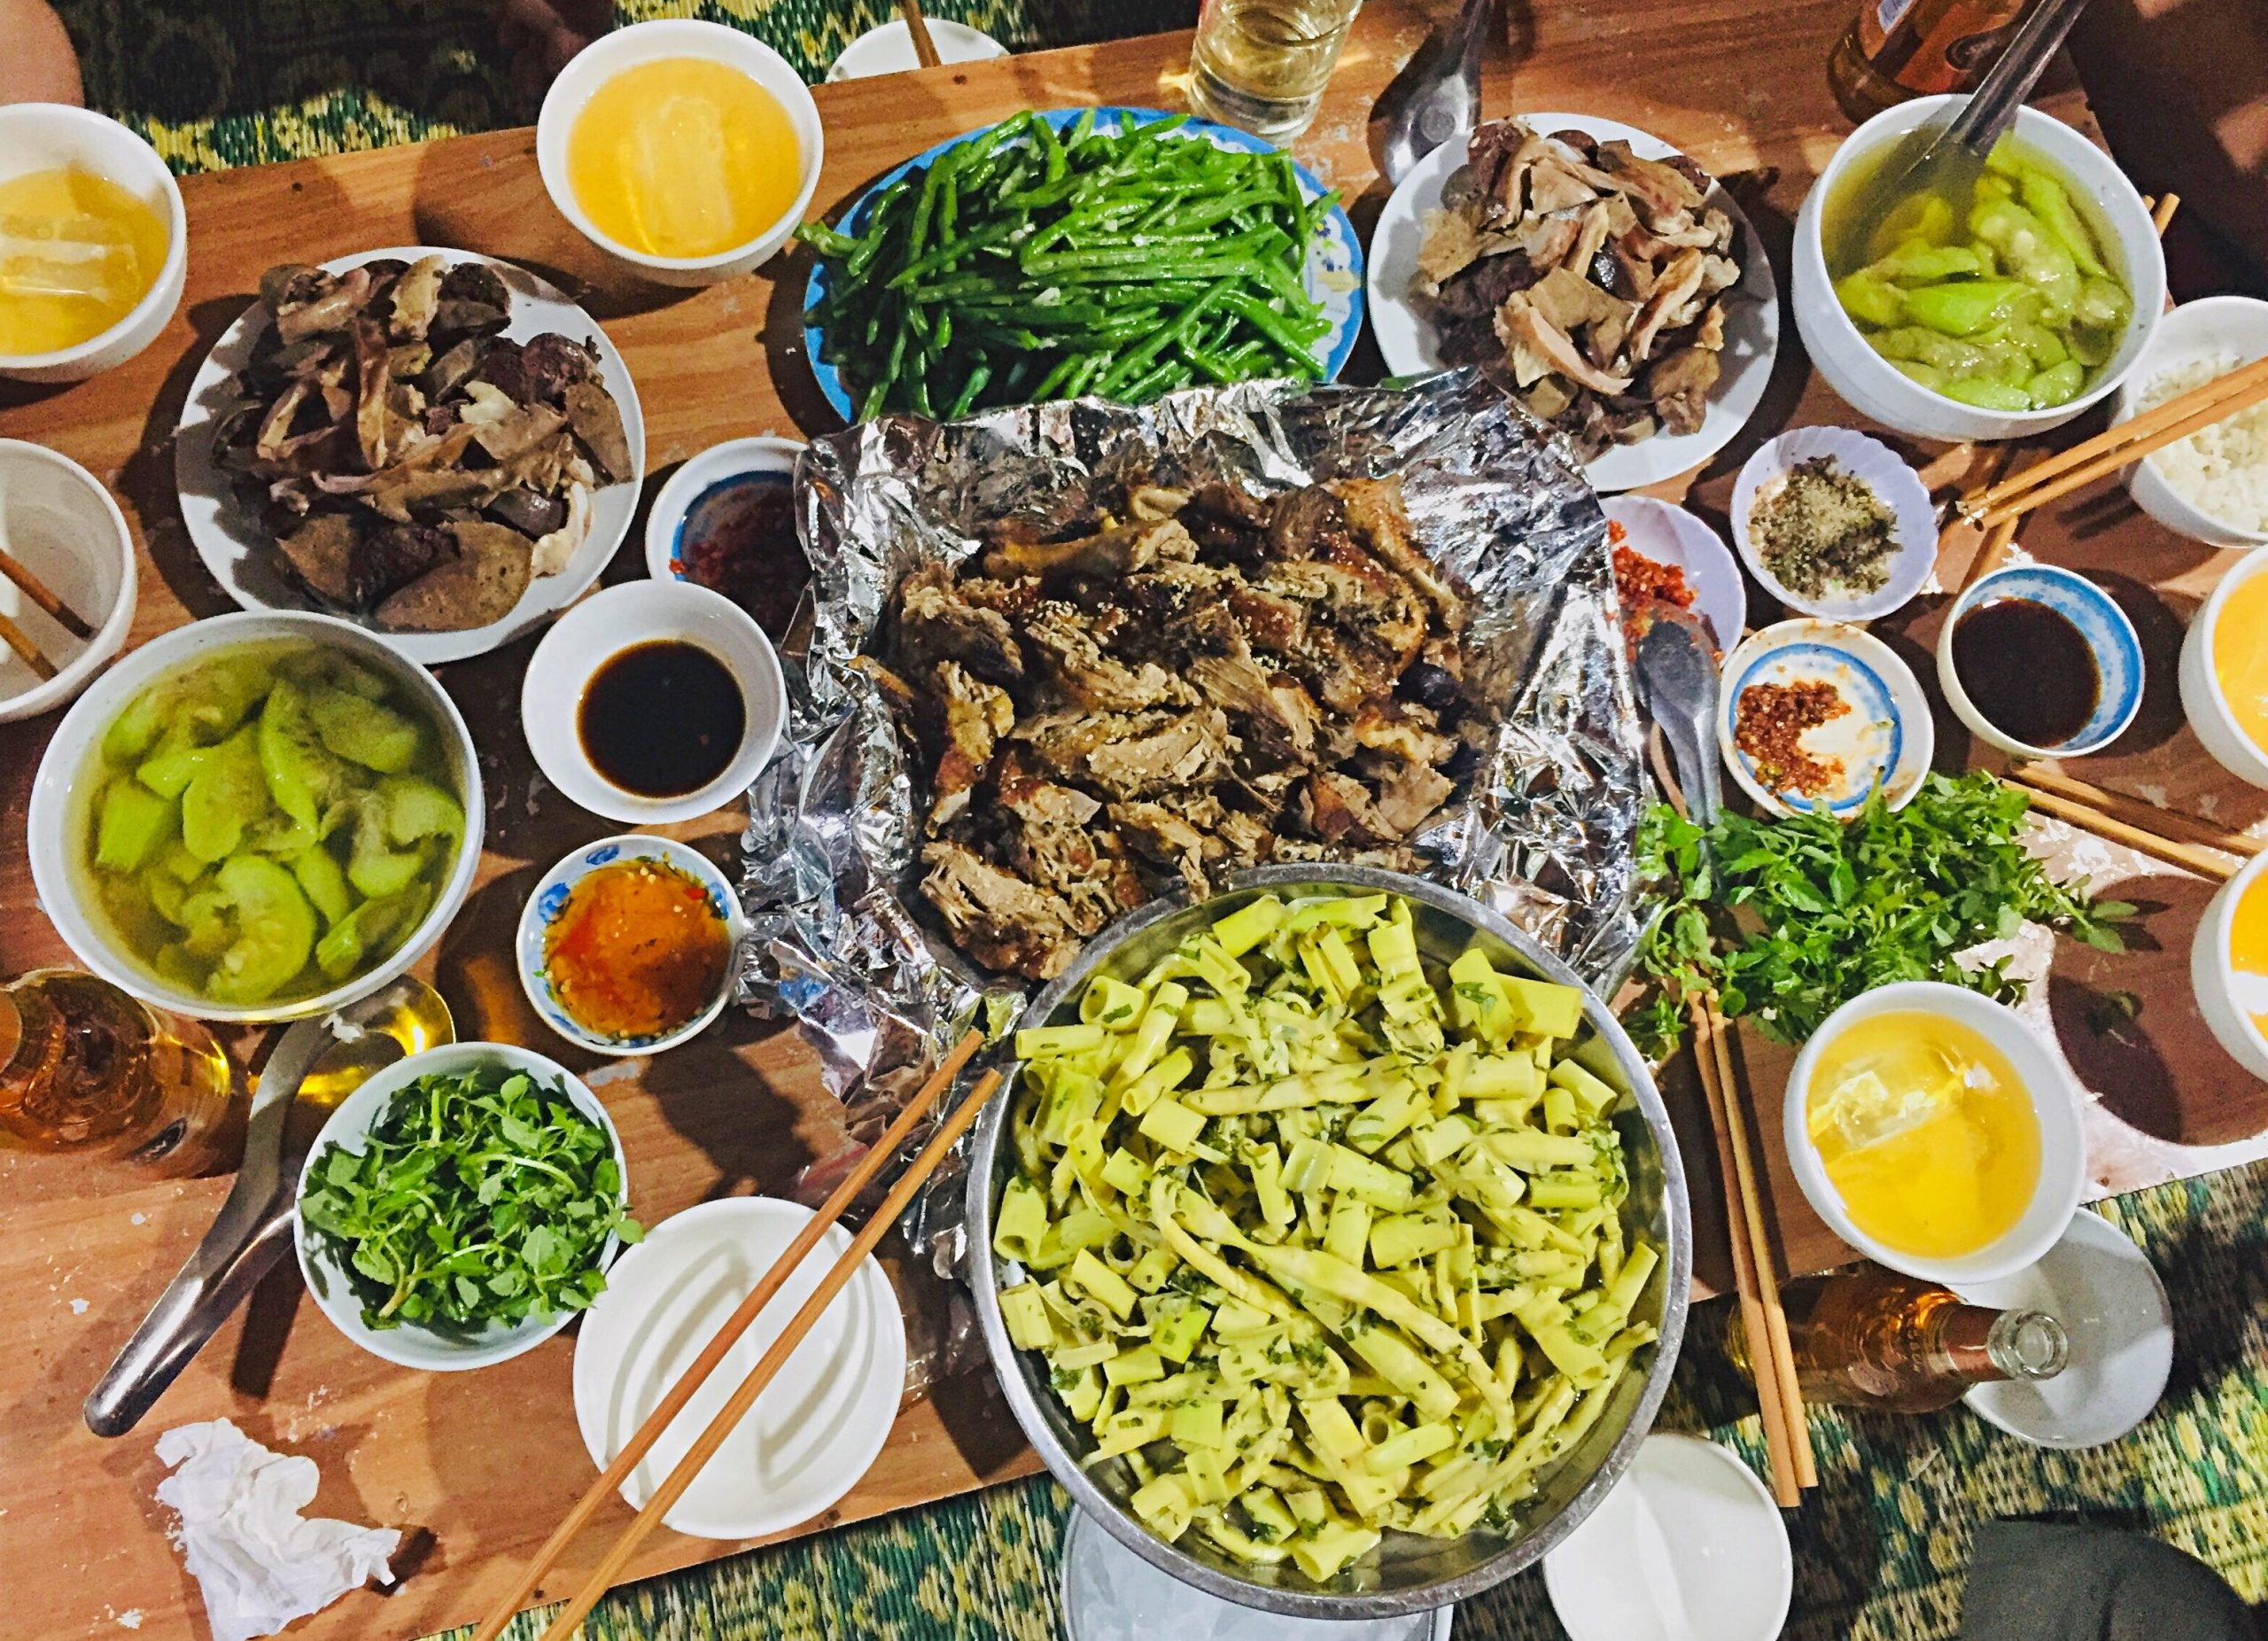 Măng rừng là món không thể thiếu trong các bữa ăn của người dân tộc Thái